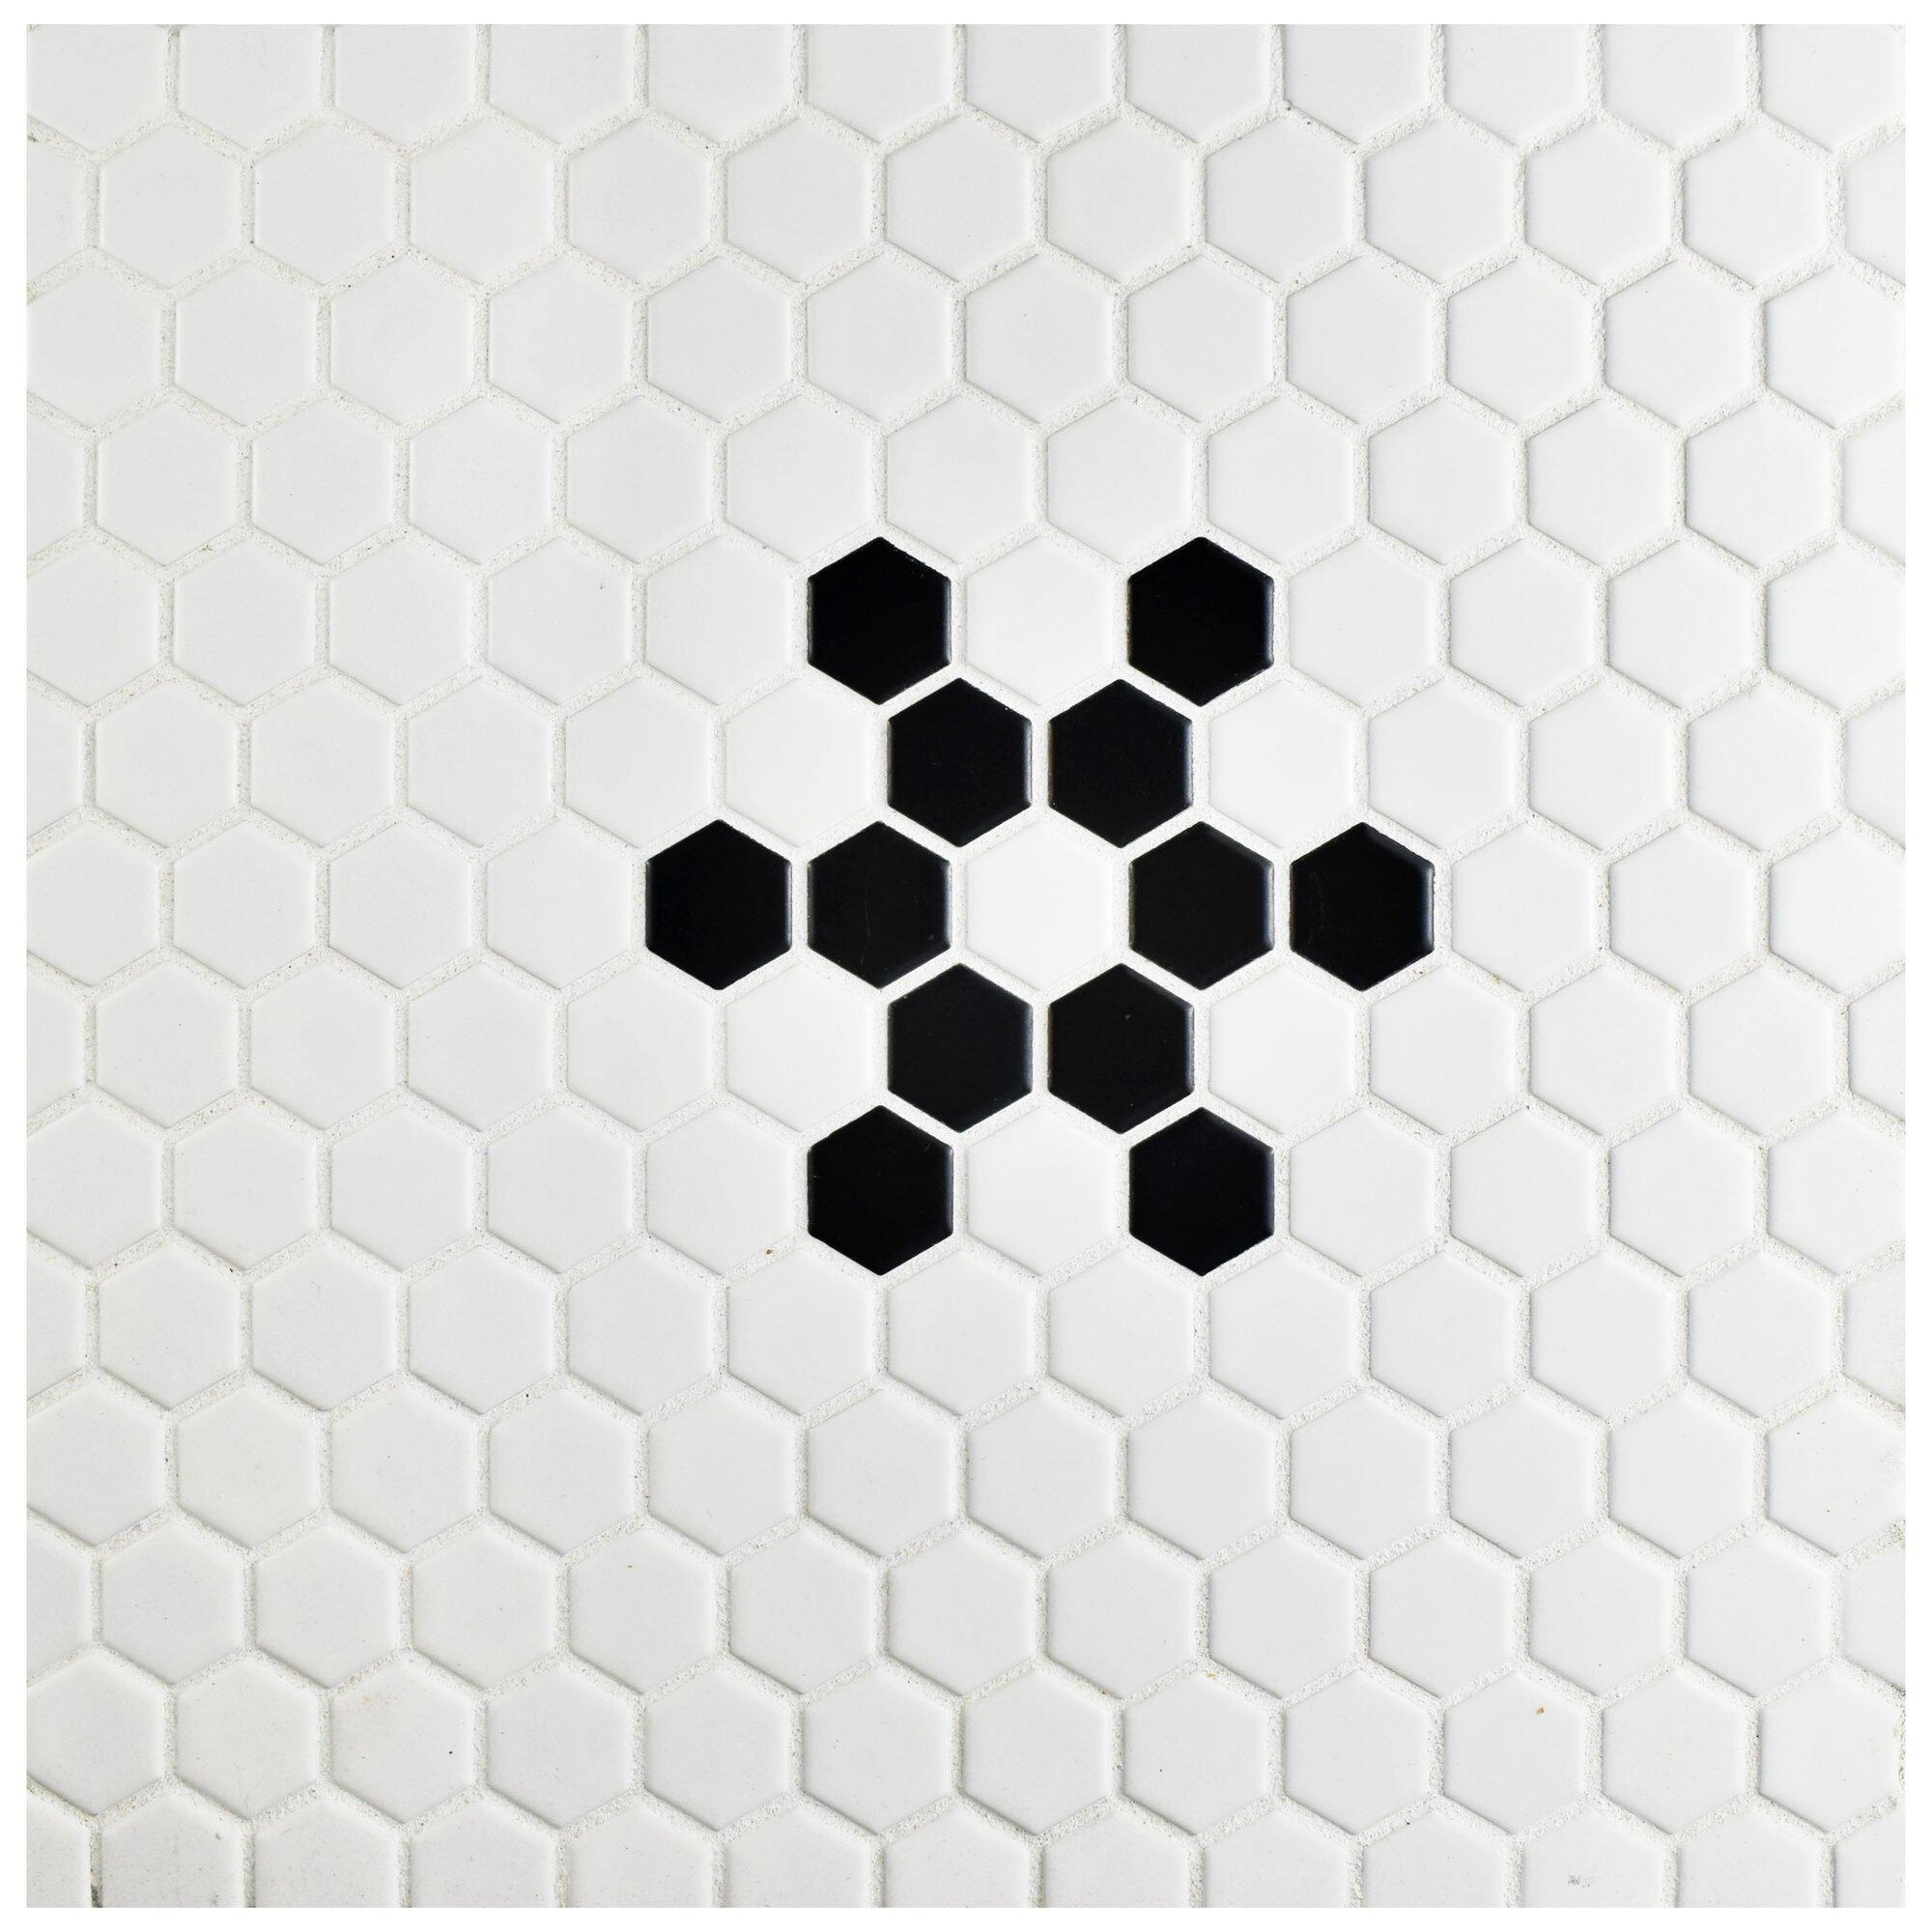 Hexagon Floor Tile hexagon mosaic floor tile Retro Hexagon 0875 X 0875 Porcelain Mosaic Tile In Glazed Blackwhite